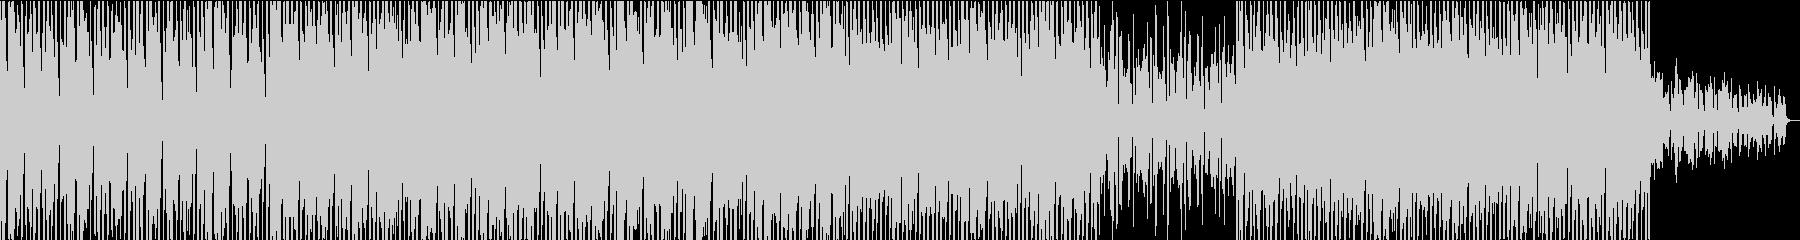 ポップなテックハウスの未再生の波形